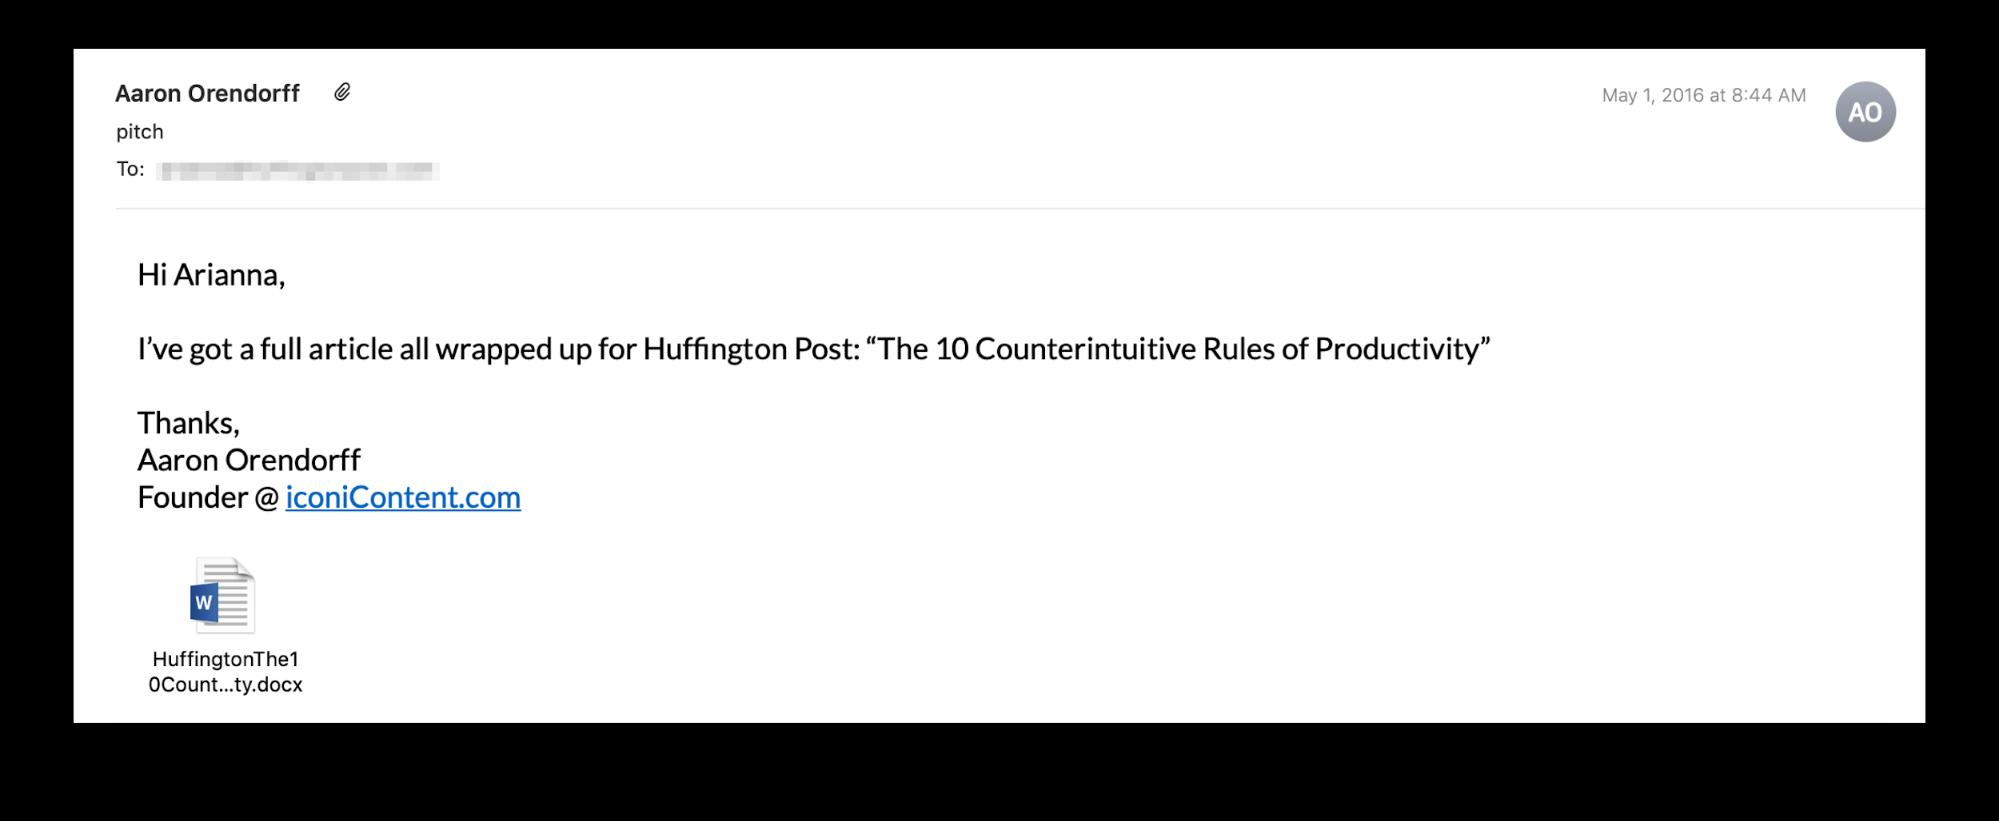 """Email di presentazione post inviata correttamente da un ospite ad Arianna Huffington """"class ="""" wp-image-24672 """"srcset ="""" https://megamarketing.it/wp-content/uploads/2019/11/1574357914_920_Come-sfondare-come-guest-blogger-anche-se-non-sei-uno-scrittore.png 1999w, https : //copyhackers.com/wp-content/uploads/2019/11/email-example-aaron3-150x62.png 150w, https://copyhackers.com/wp-content/uploads/2019/11/email-example- aaron3-300x123.png 300w, https://copyhackers.com/wp-content/uploads/2019/11/email-example-aaron3-768x315.png 768w, https://copyhackers.com/wp-content/uploads/ 2019/11 / email-esempio-aaron3-800x329.png 800w, https://copyhackers.com/wp-content/uploads/2019/11/email-example-aaron3-990x407.png 990w, https: // copyhackers. com / wp-content / uploads / 2019/11 / email-example-aaron3-1320x542.png 1320w """"dimensioni ="""" (larghezza massima: 1999px) 100vw, 1999px"""